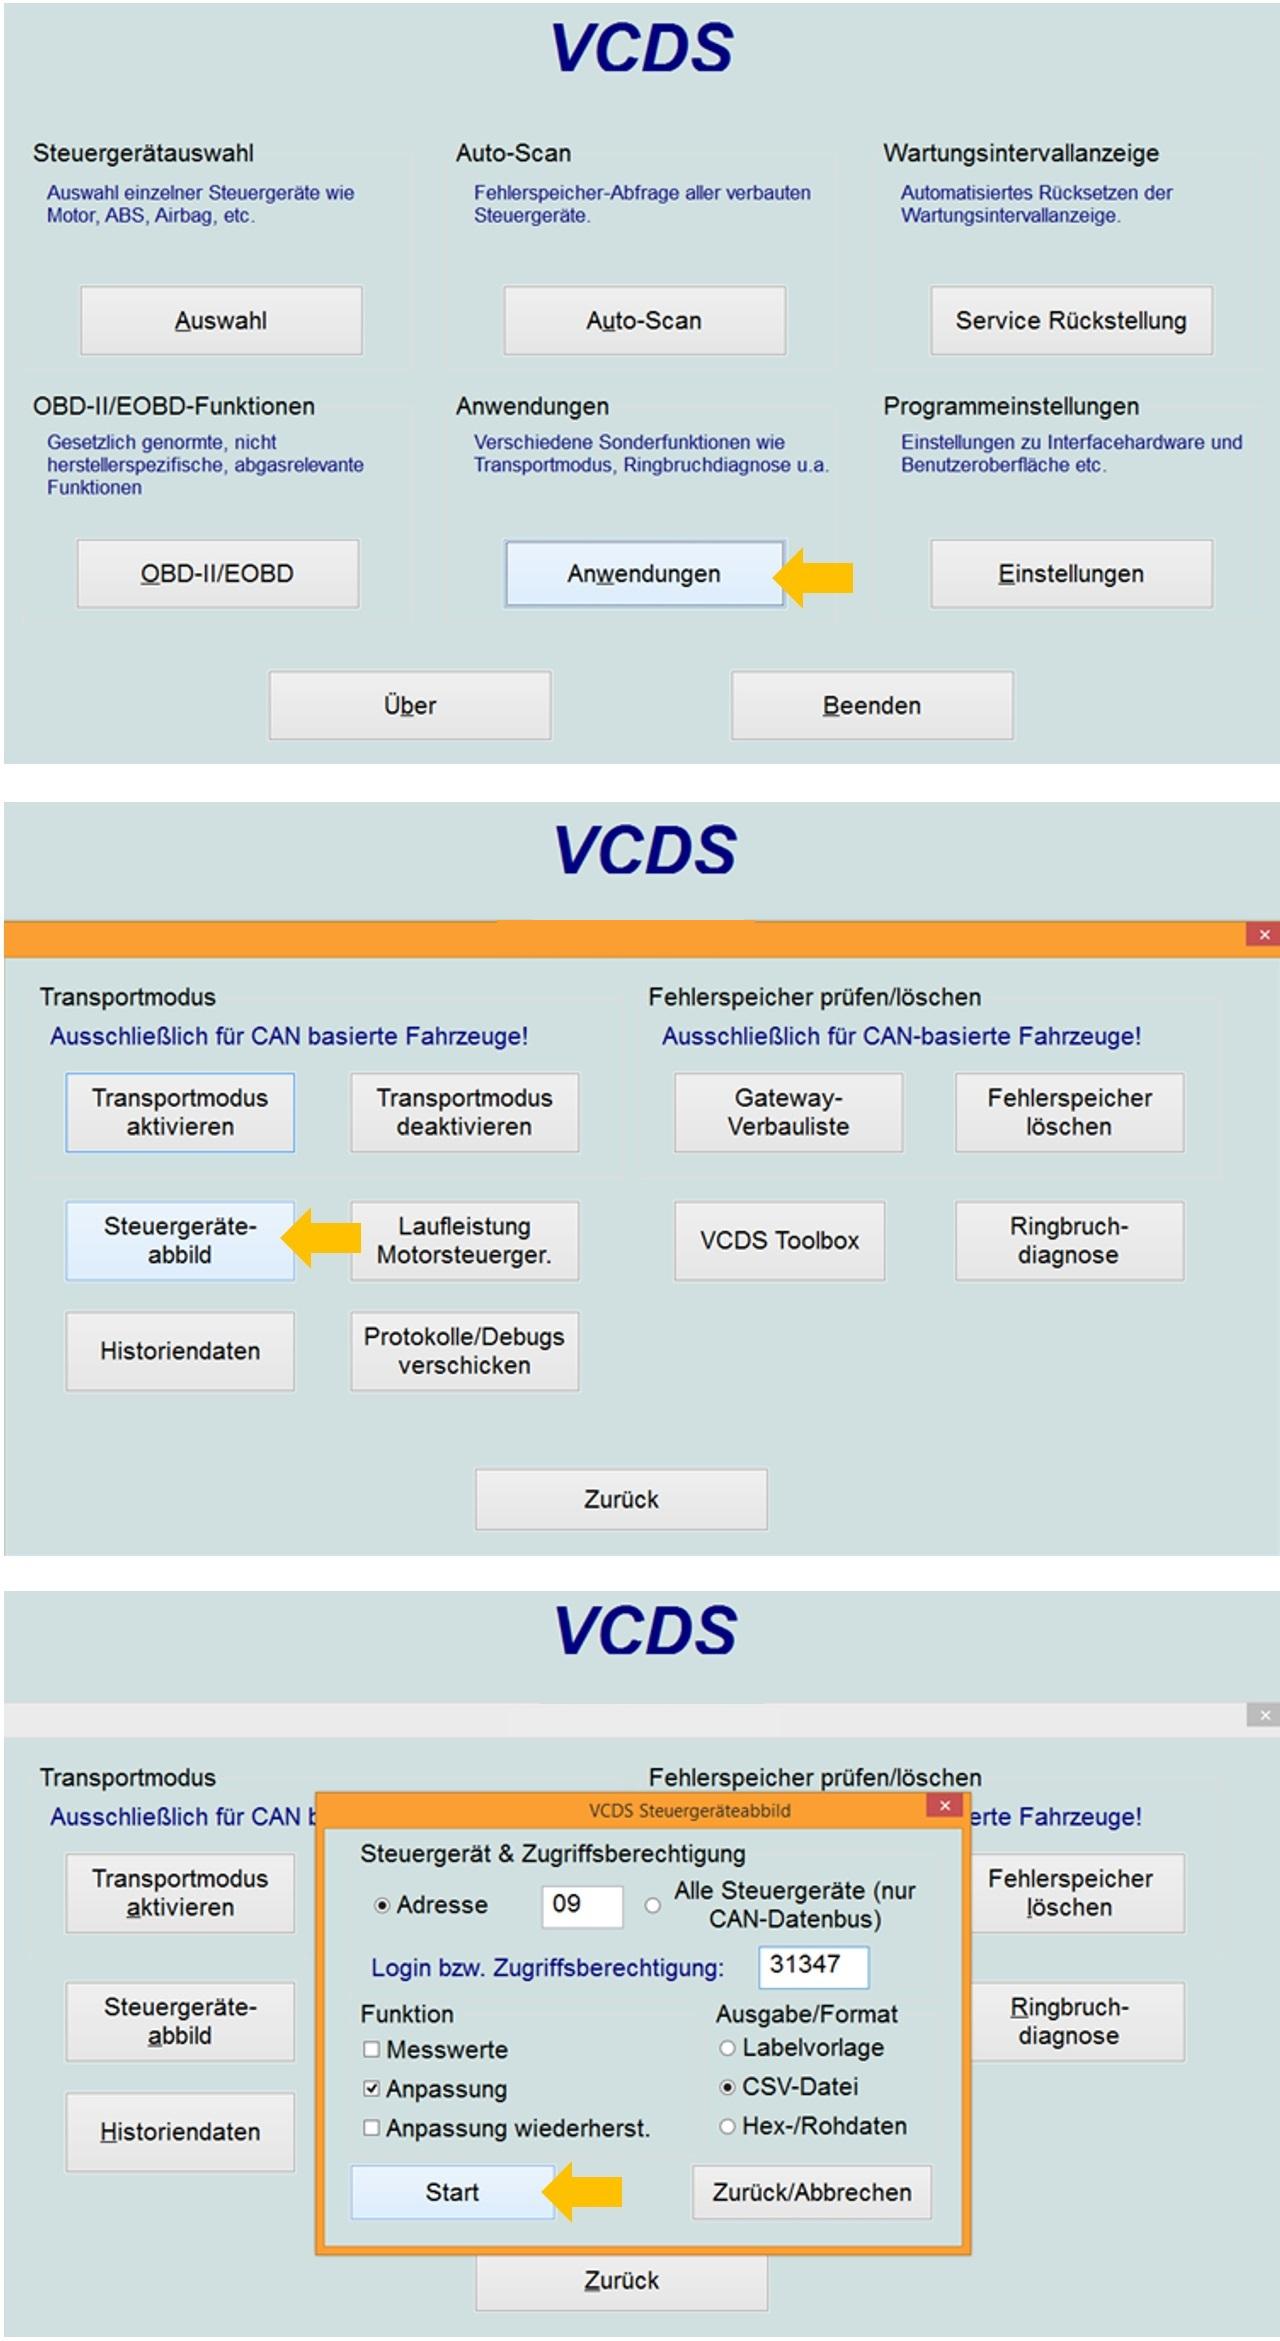 VCDS Steuergeräteabbild erstellen / Anleitung